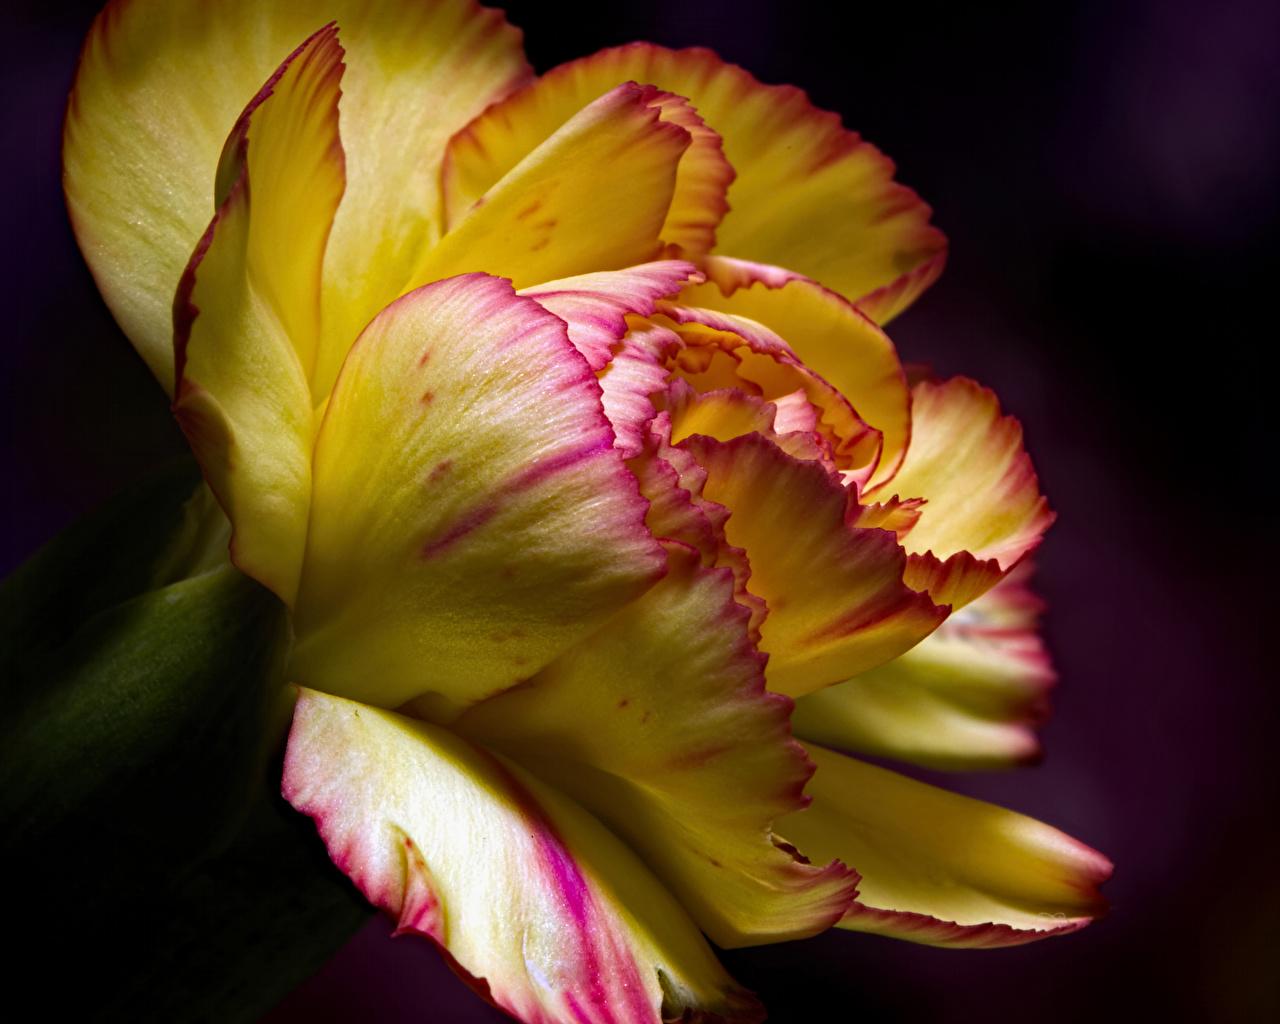 Обои для рабочего стола цветок гвоздика на черном фоне Крупным планом Цветы Гвоздики вблизи Черный фон